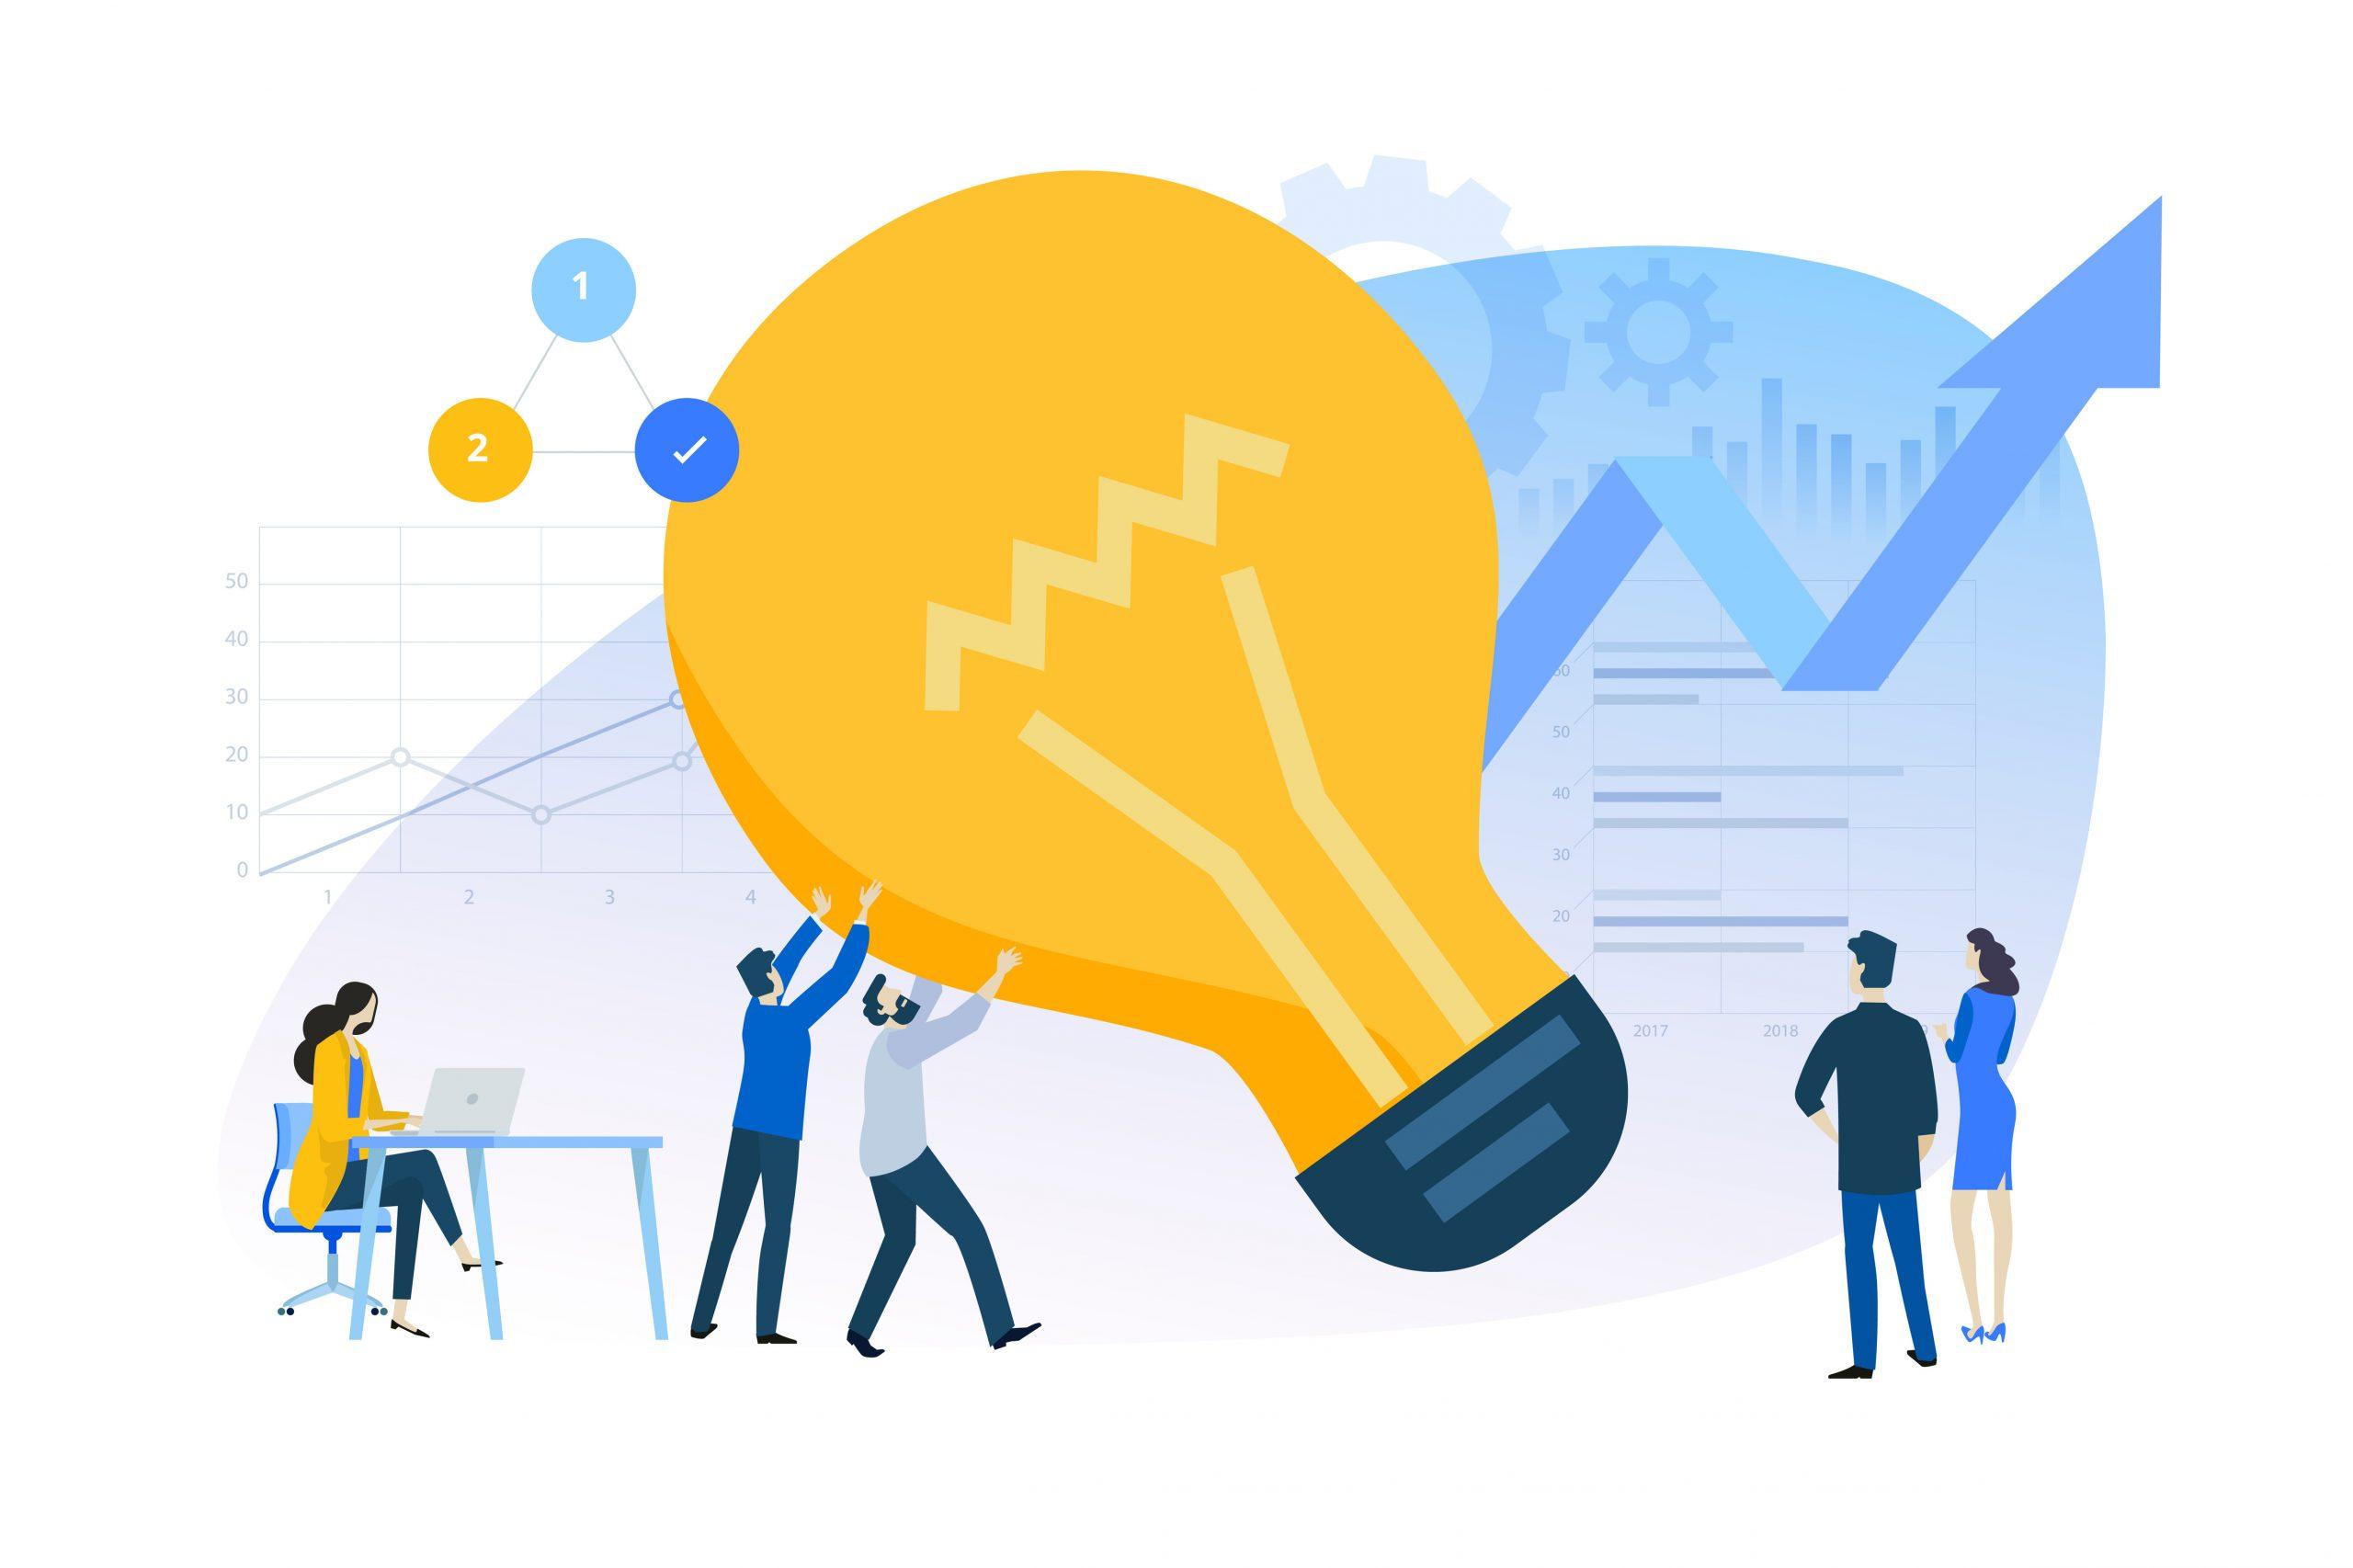 業務・組織改革に業務の可視化が重要な理由